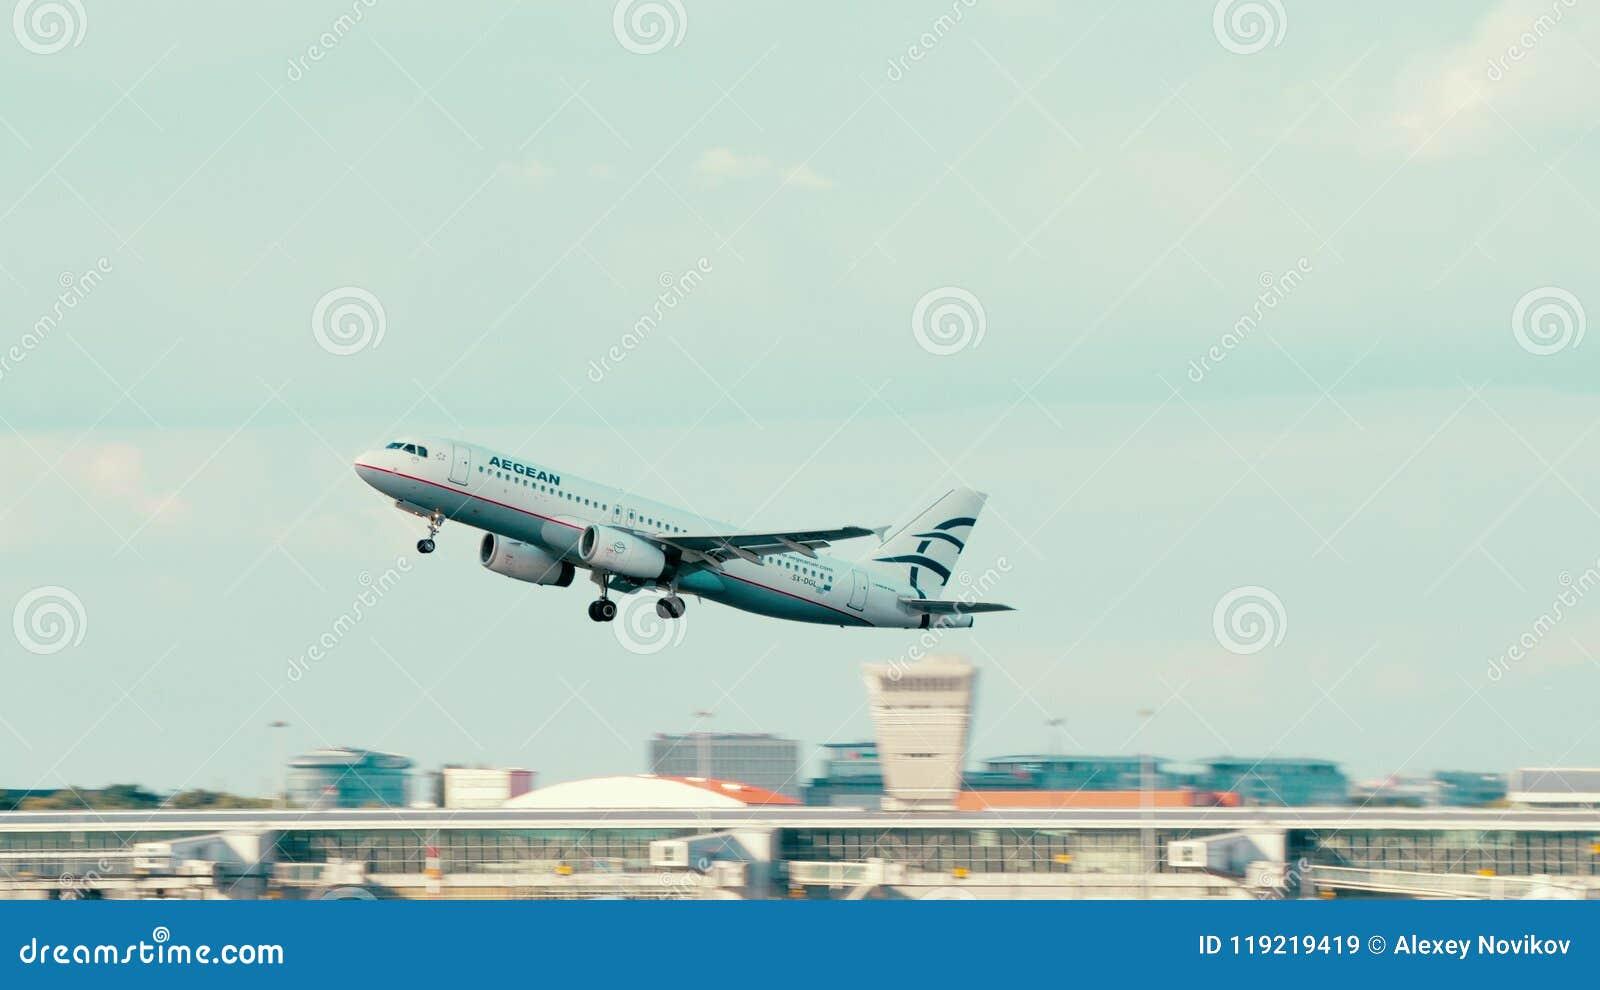 VARSÓVIA, POLÔNIA - 15 DE JUNHO DE 2018 O avião de SX-DGL Aegean Airlines Airbus A320-232 decola